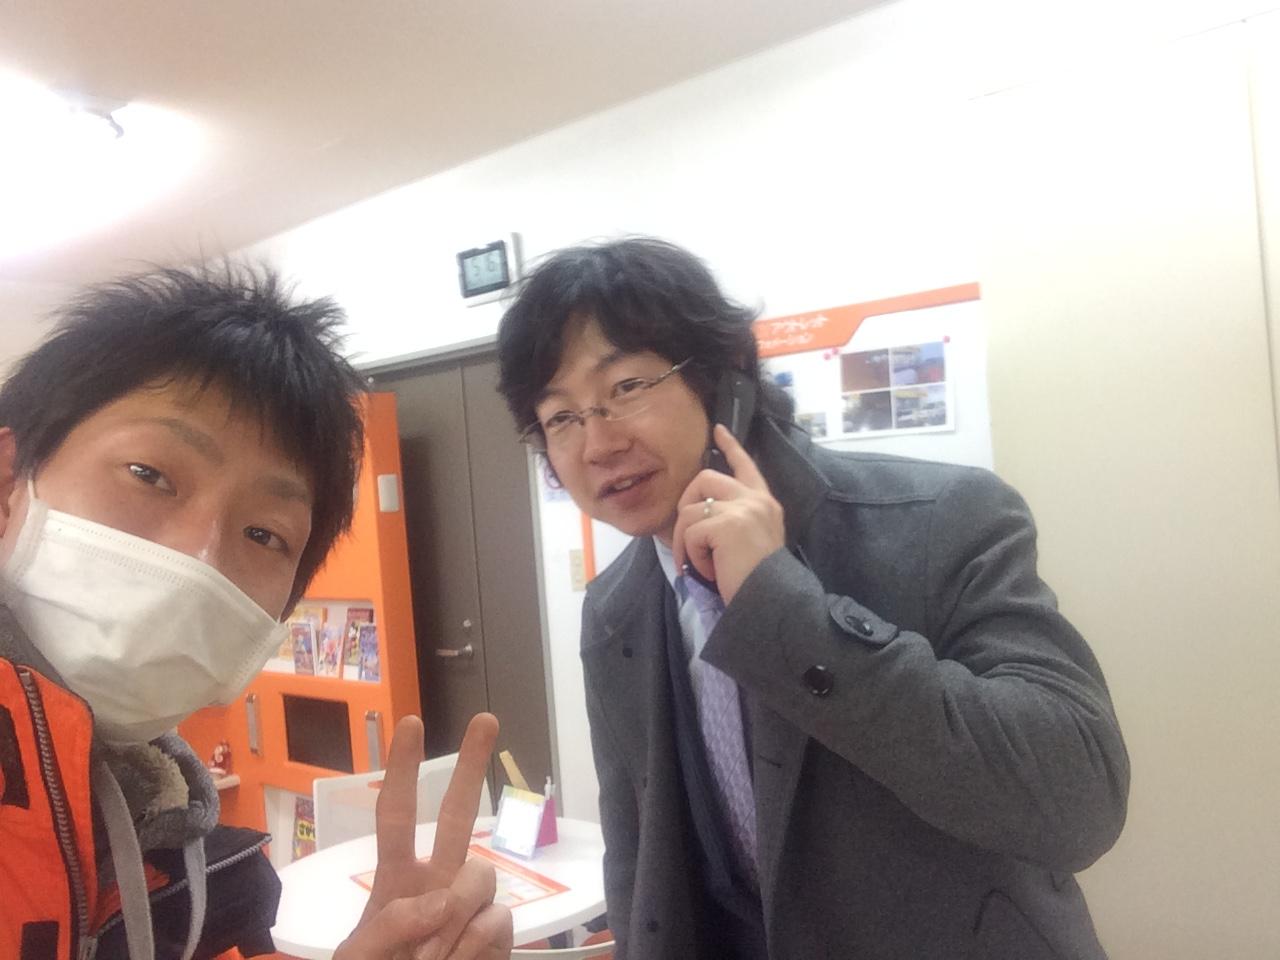 3月20日(金)トミーアウトレット☆bBI様納車!!!O社N様お元気で!_b0127002_20192549.jpg